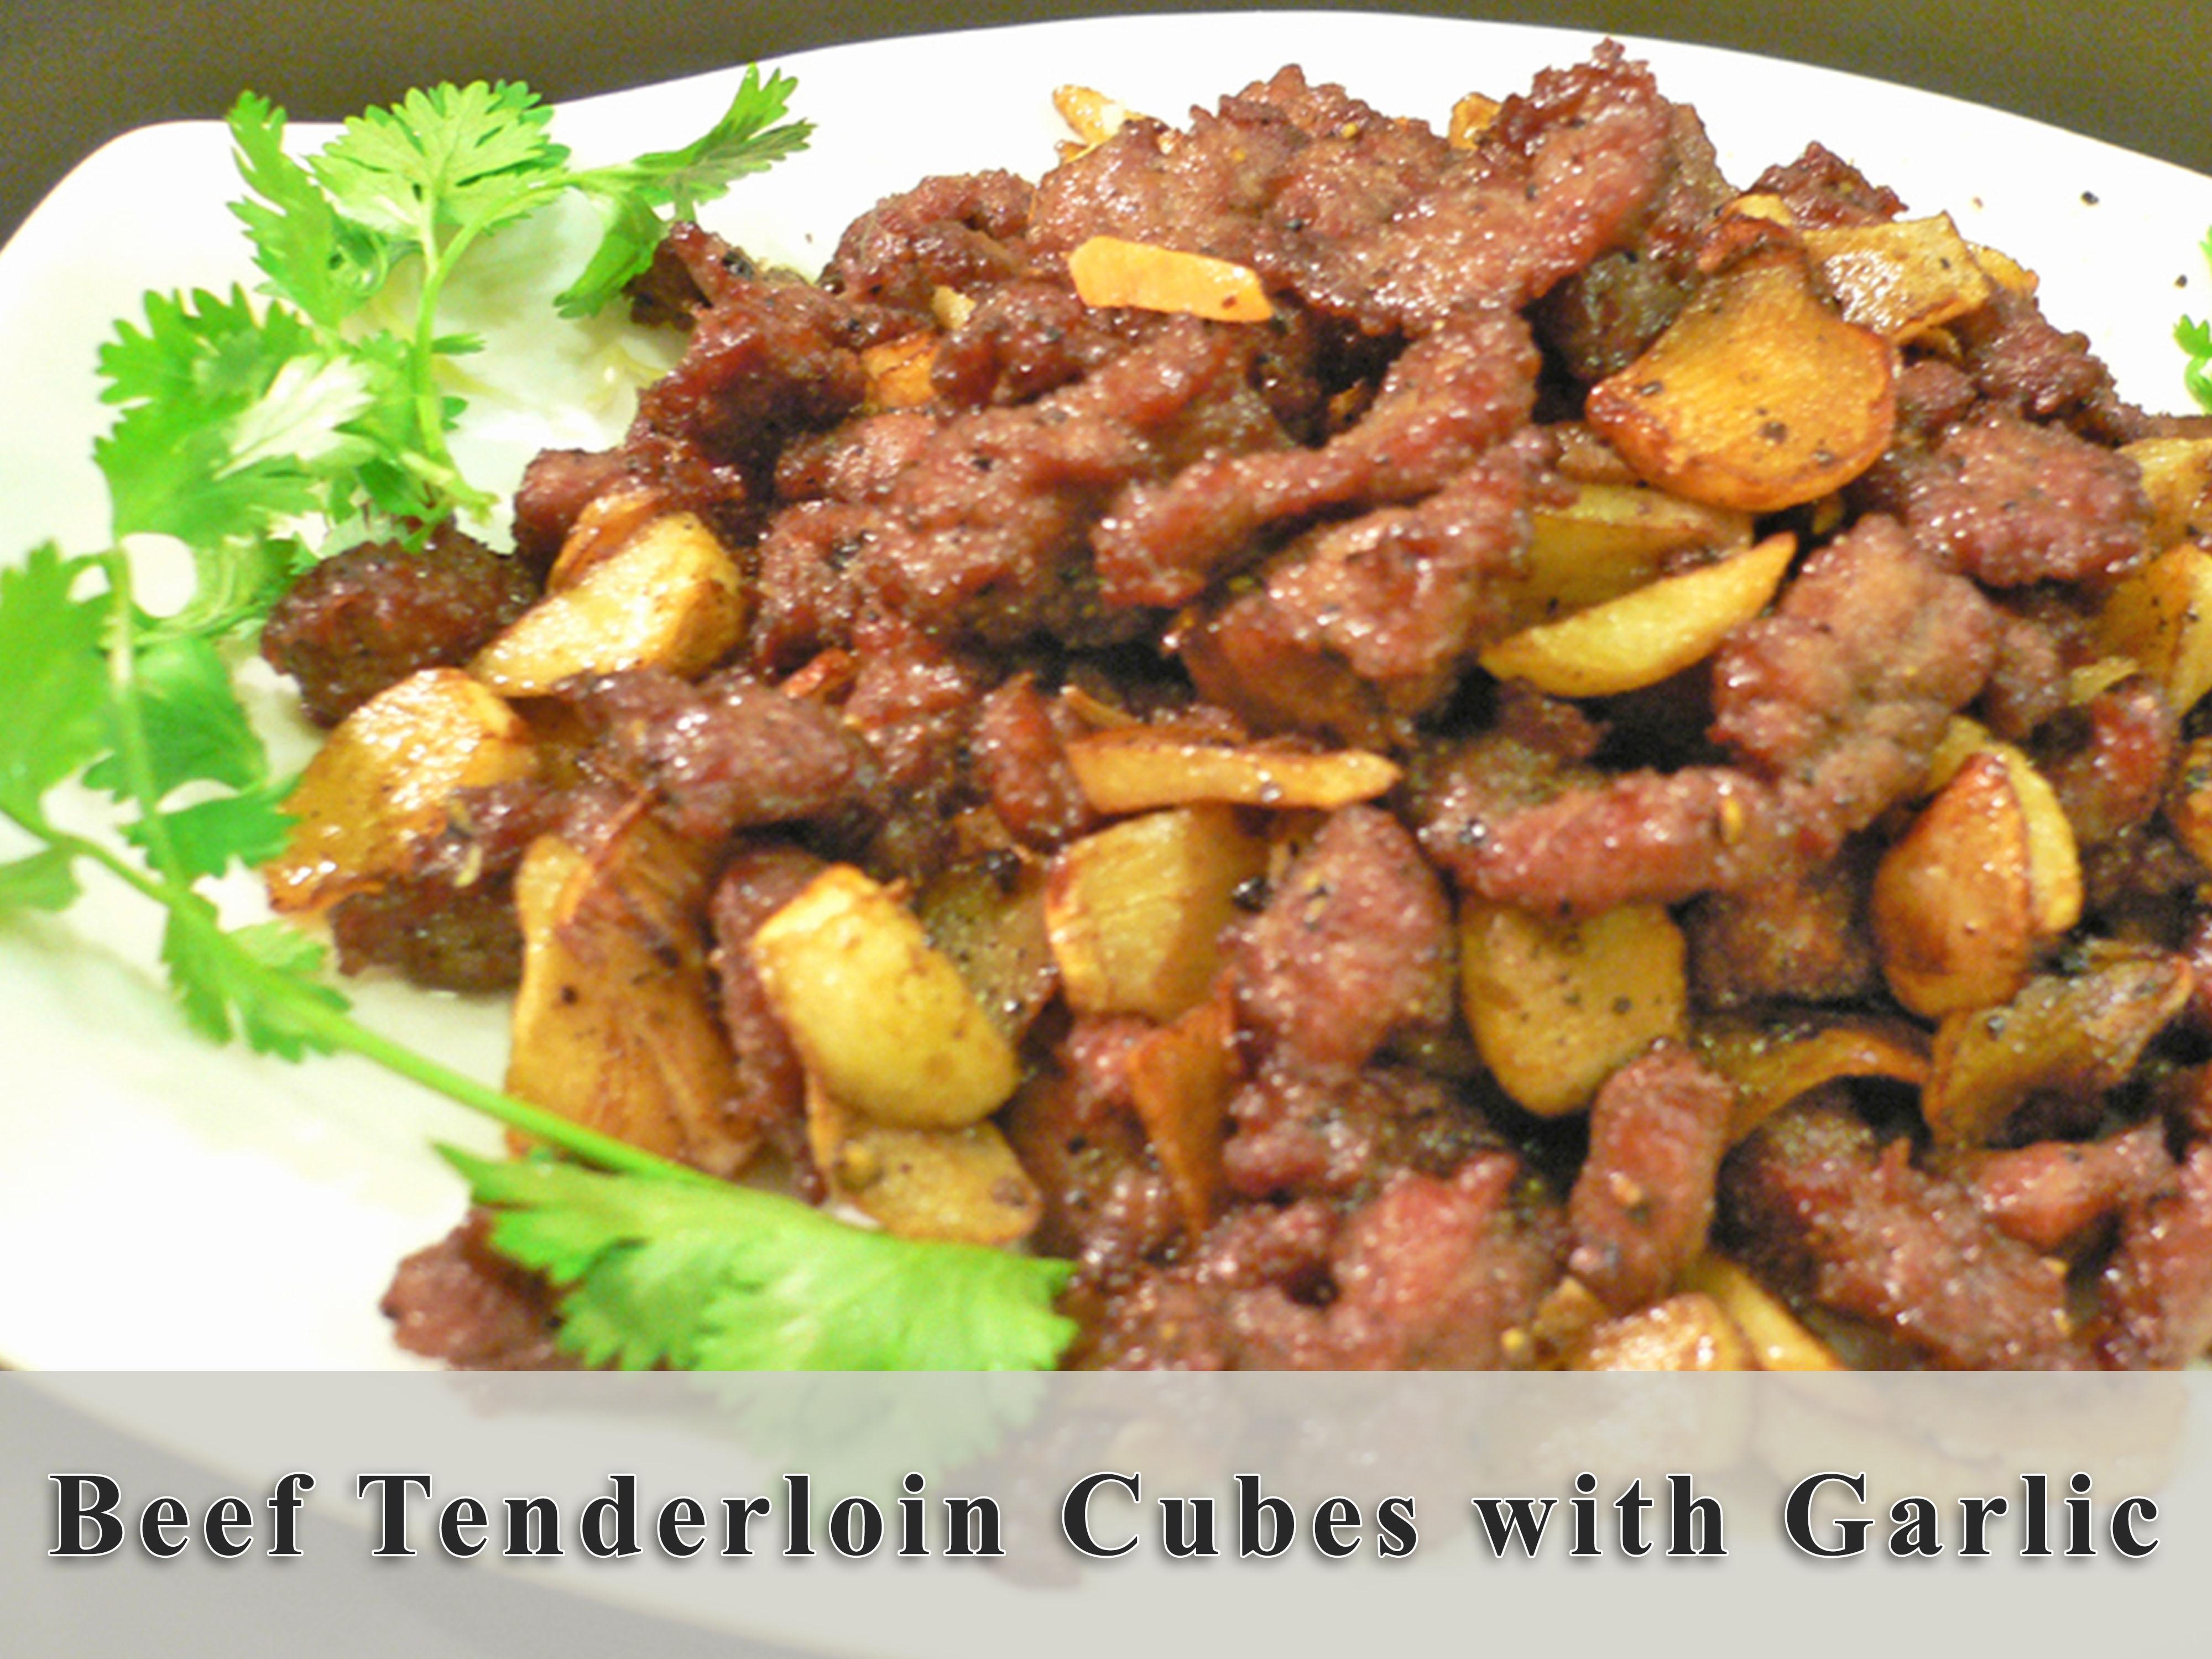 Beef Tenderloin Cubes with Garlic